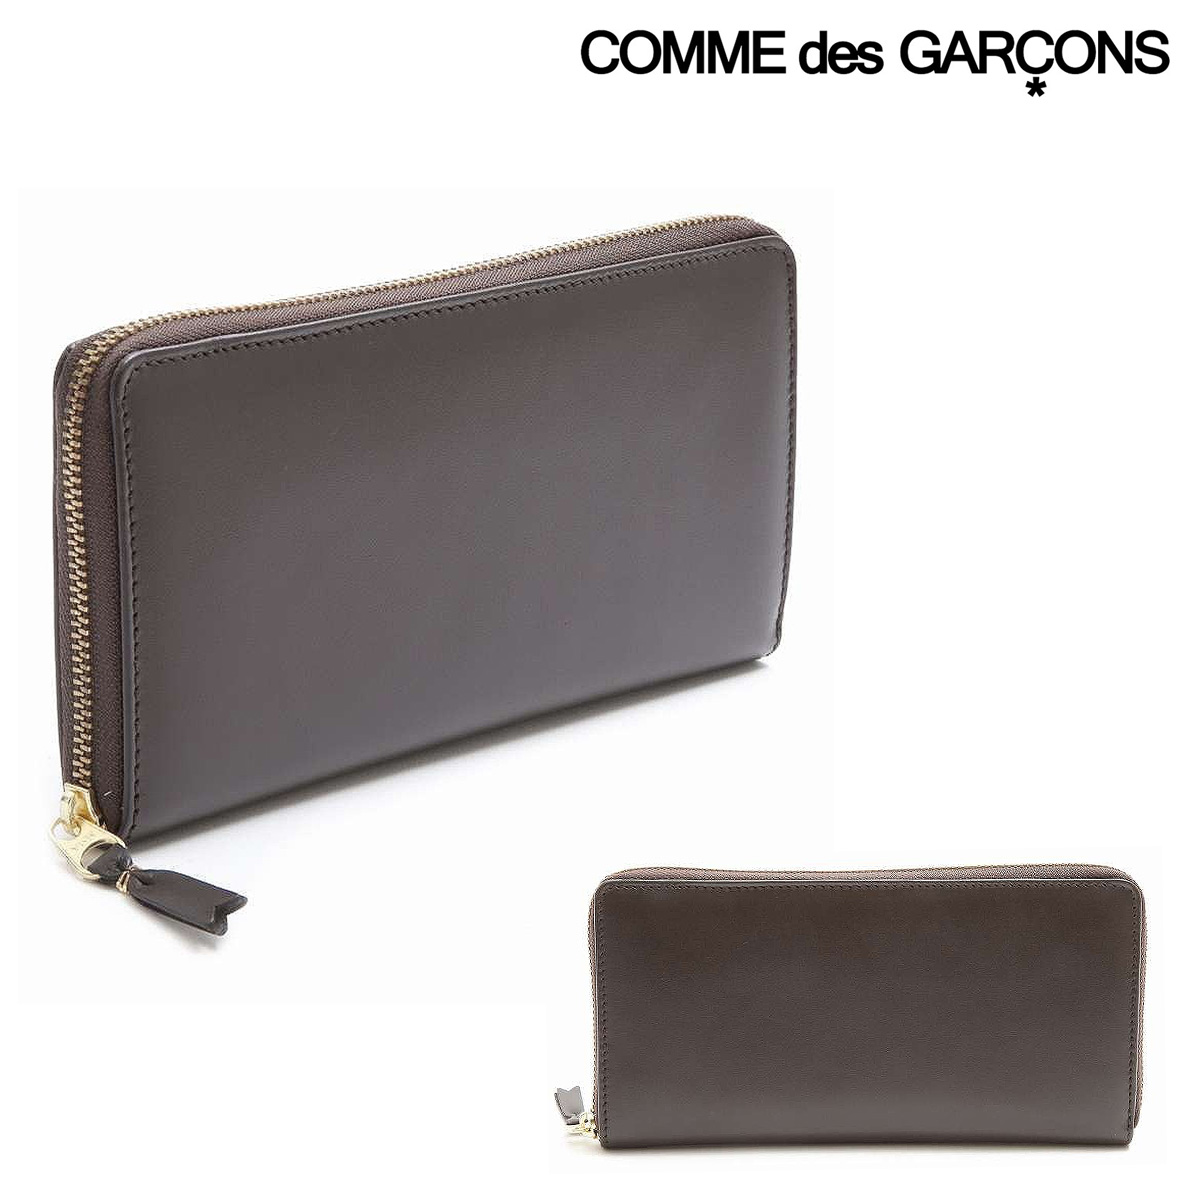 コムデギャルソン 長財布 ラウンドファスナー メンズ レディース SA0110 COMME des GARCONS | CLASSIC PLAIN レザー ブランド専用BOX付き